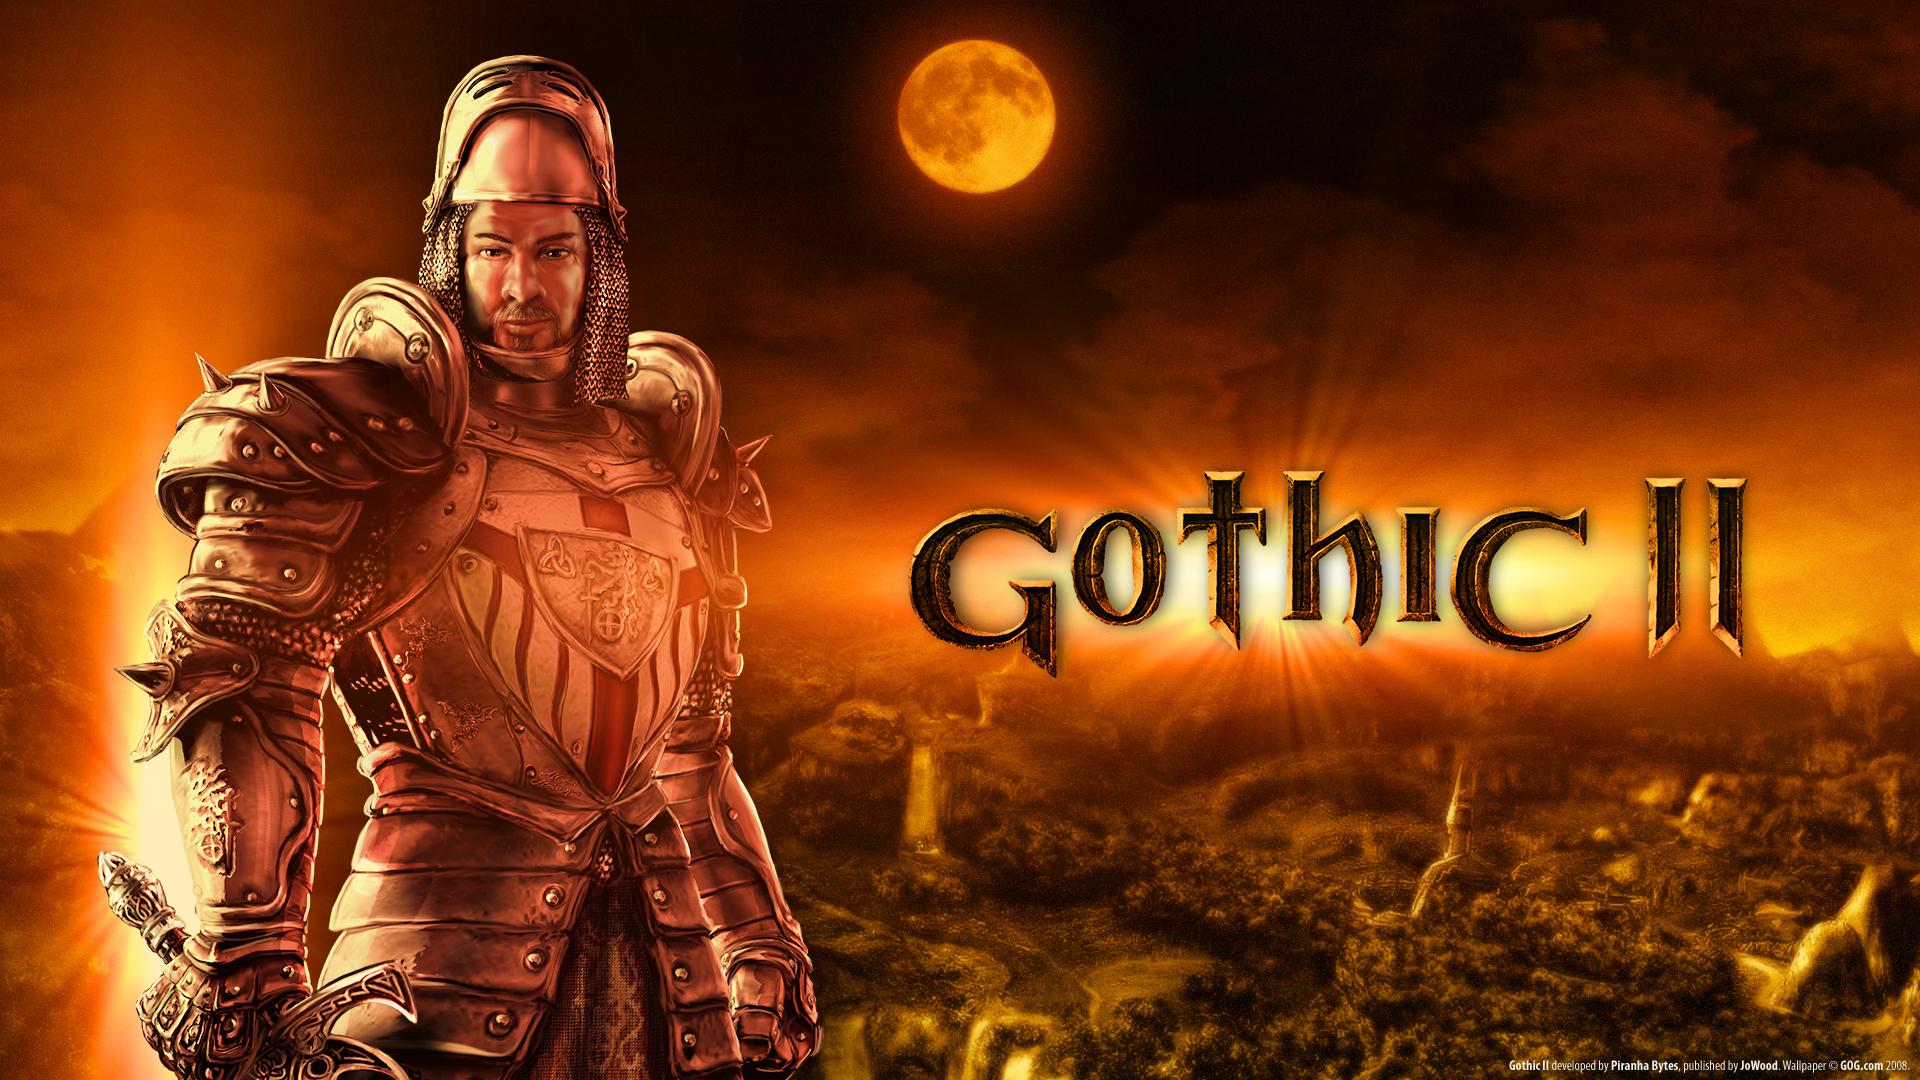 Gothic 1 Hd